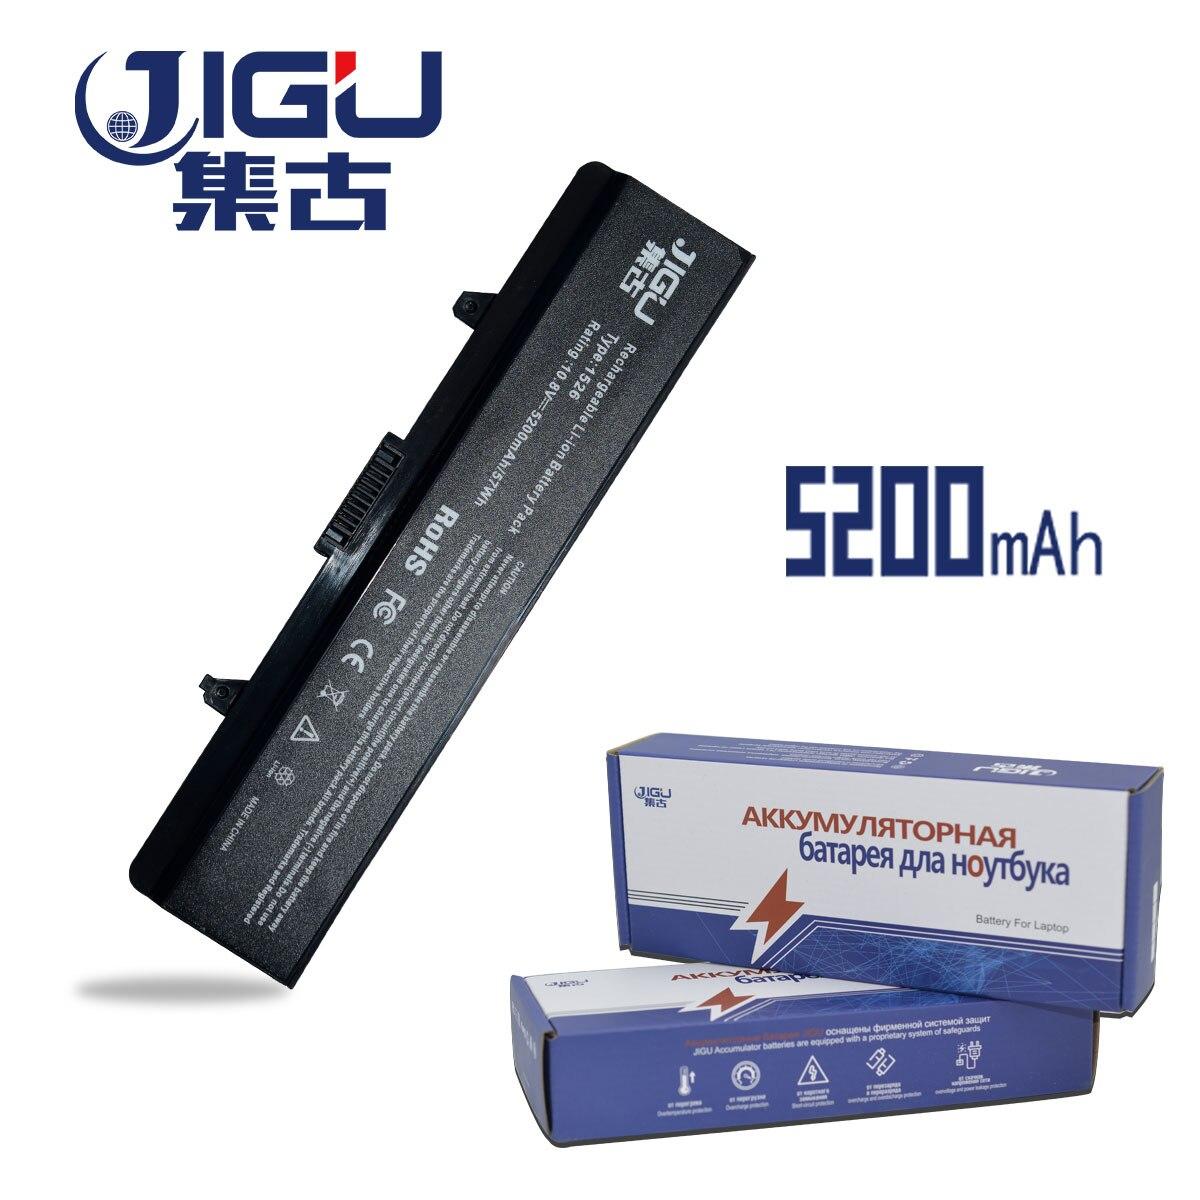 JIGU Laptop Batterie Für Dell Inspiron 1525 1526 1545 1546 Vostro 500 0D608H 0GW252 M911G 0F972N 312-0940 J414N k450N X284g